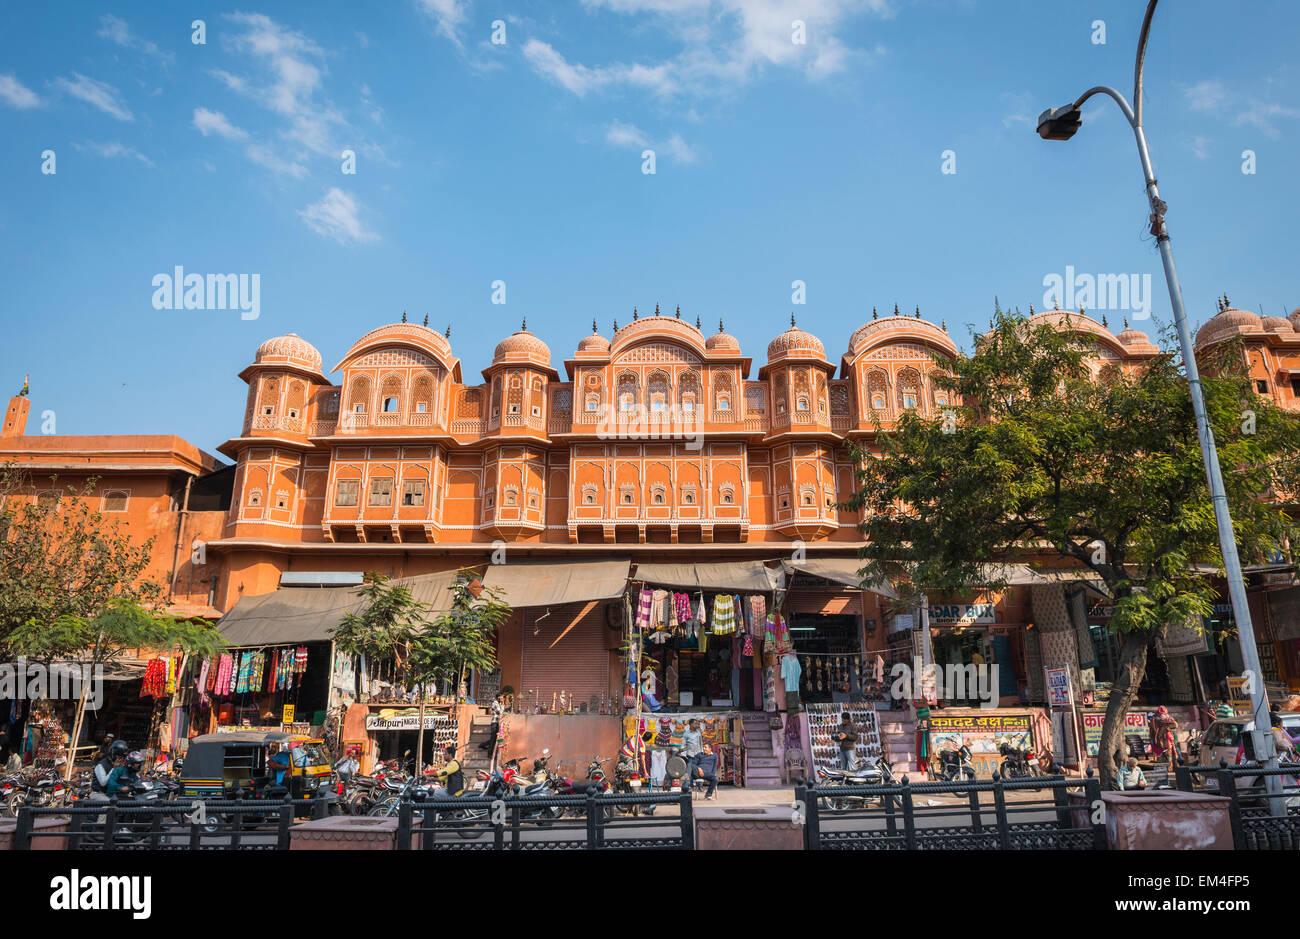 Eine belebte Straße Geschäfte und Anbieter in Jaipur, Rajasthan, Indien Stockbild